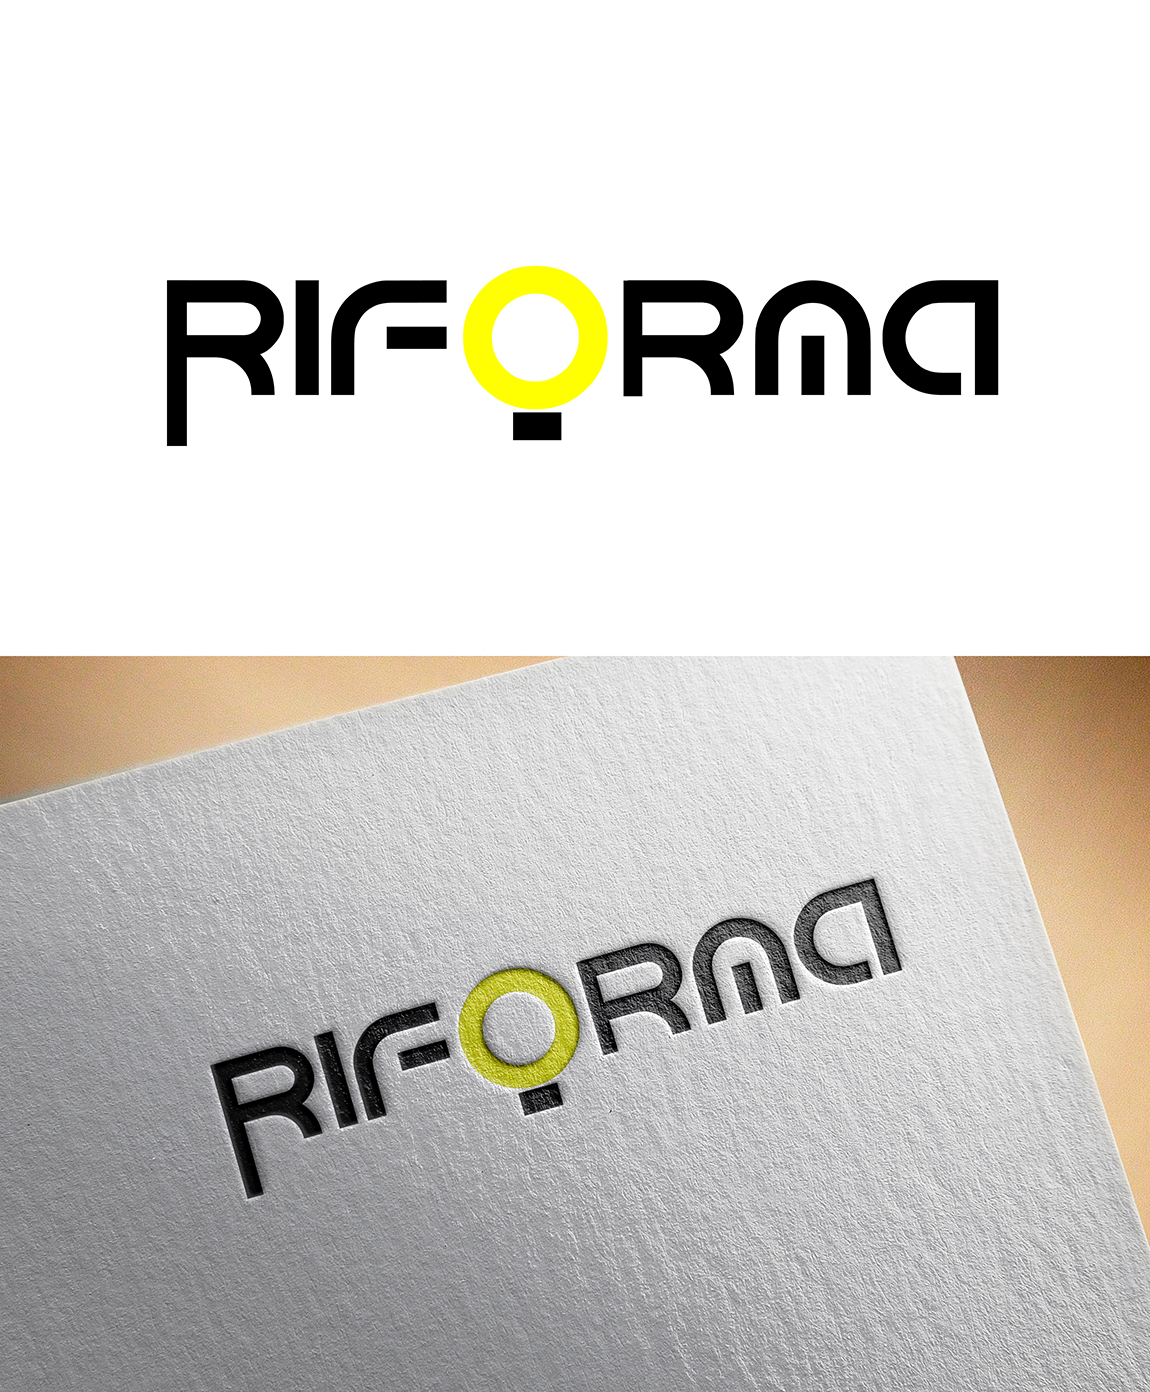 Разработка логотипа и элементов фирменного стиля фото f_7355793849e70272.jpg